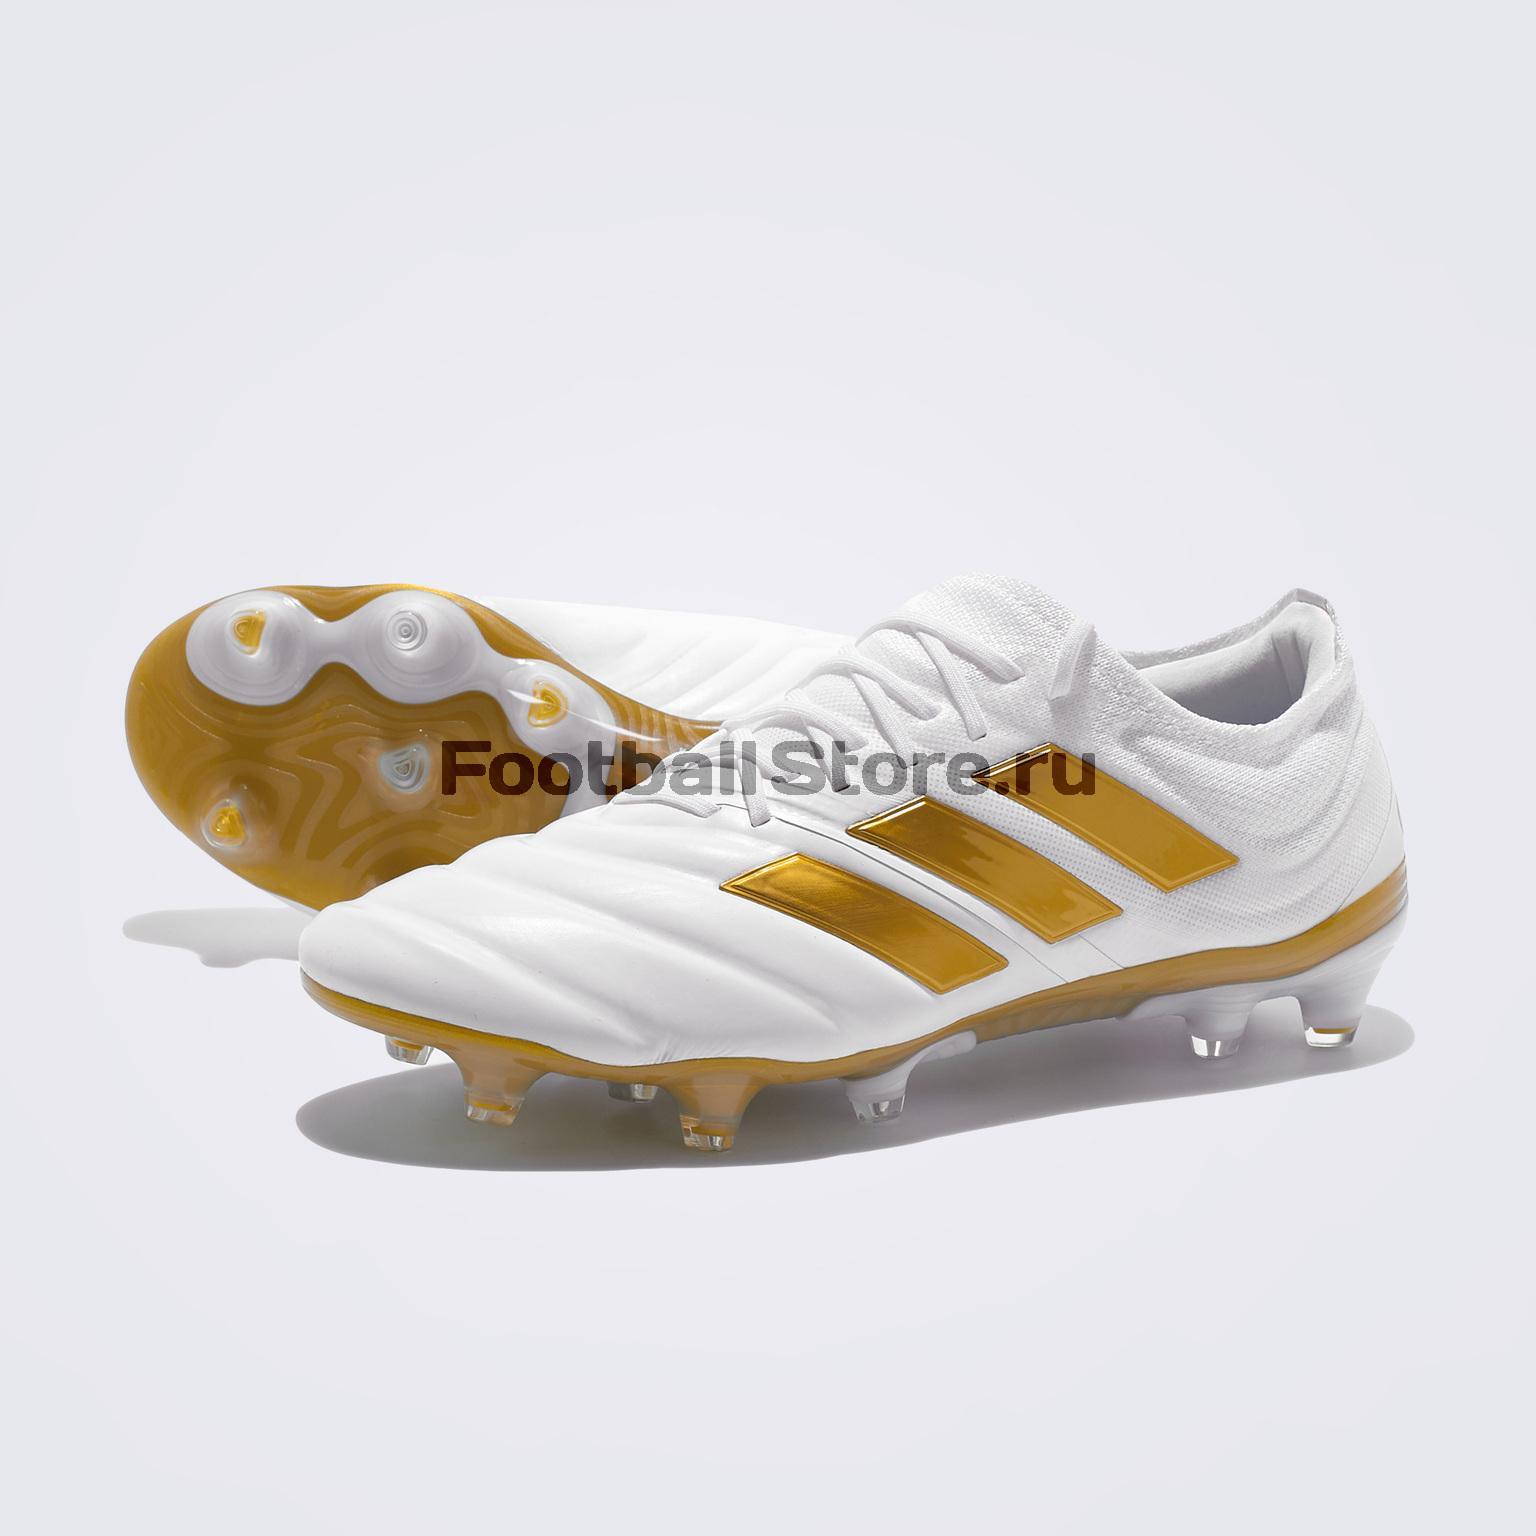 Бутсы Adidas Copa 19.1 FG F35516